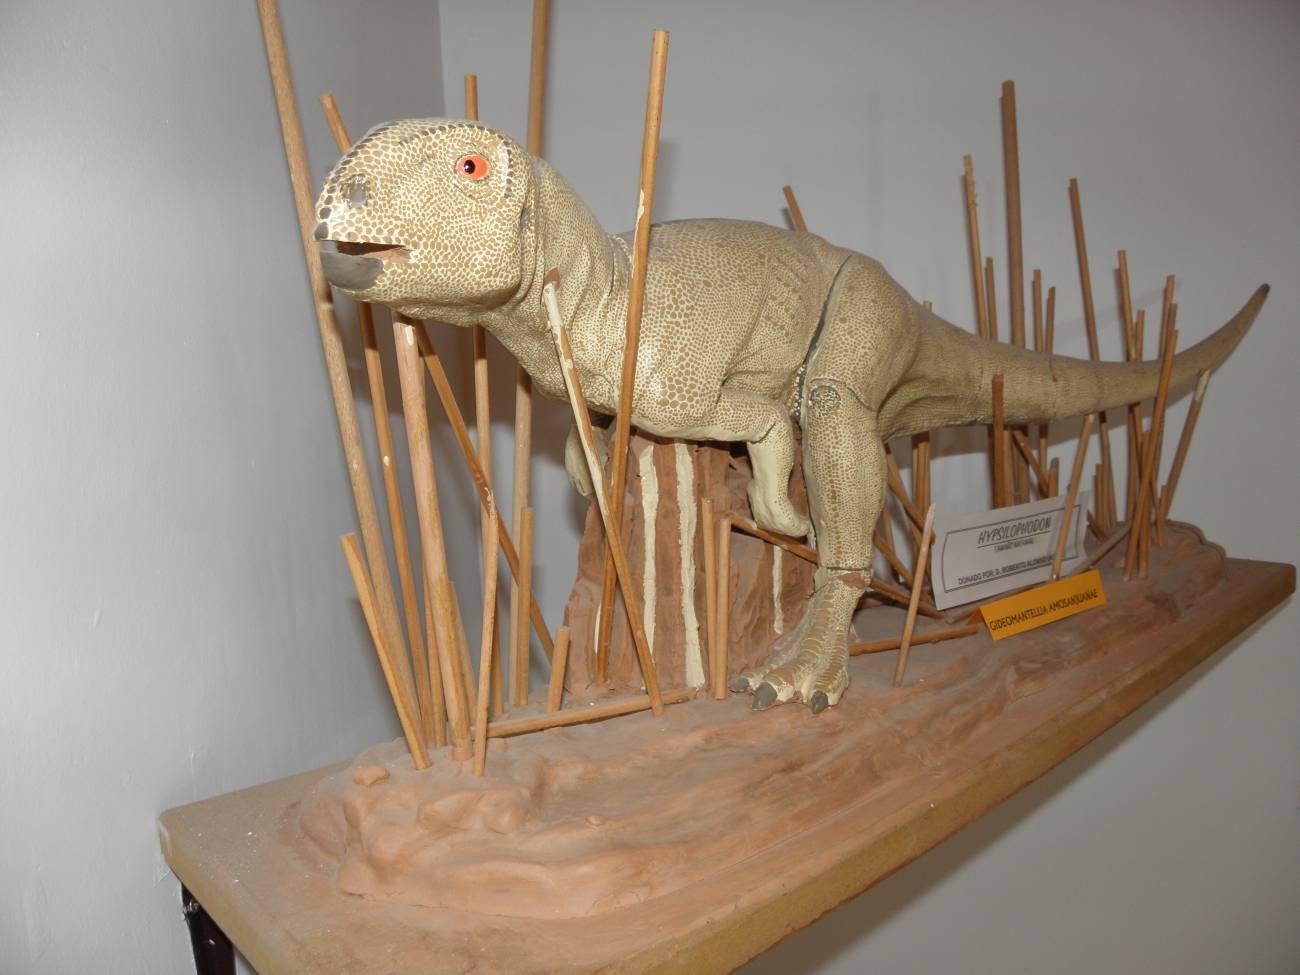 Reconstrucción de Gideonmantellia en el Museo de Galve. Imagen: José Manuel Gasca / Aragosaurus.